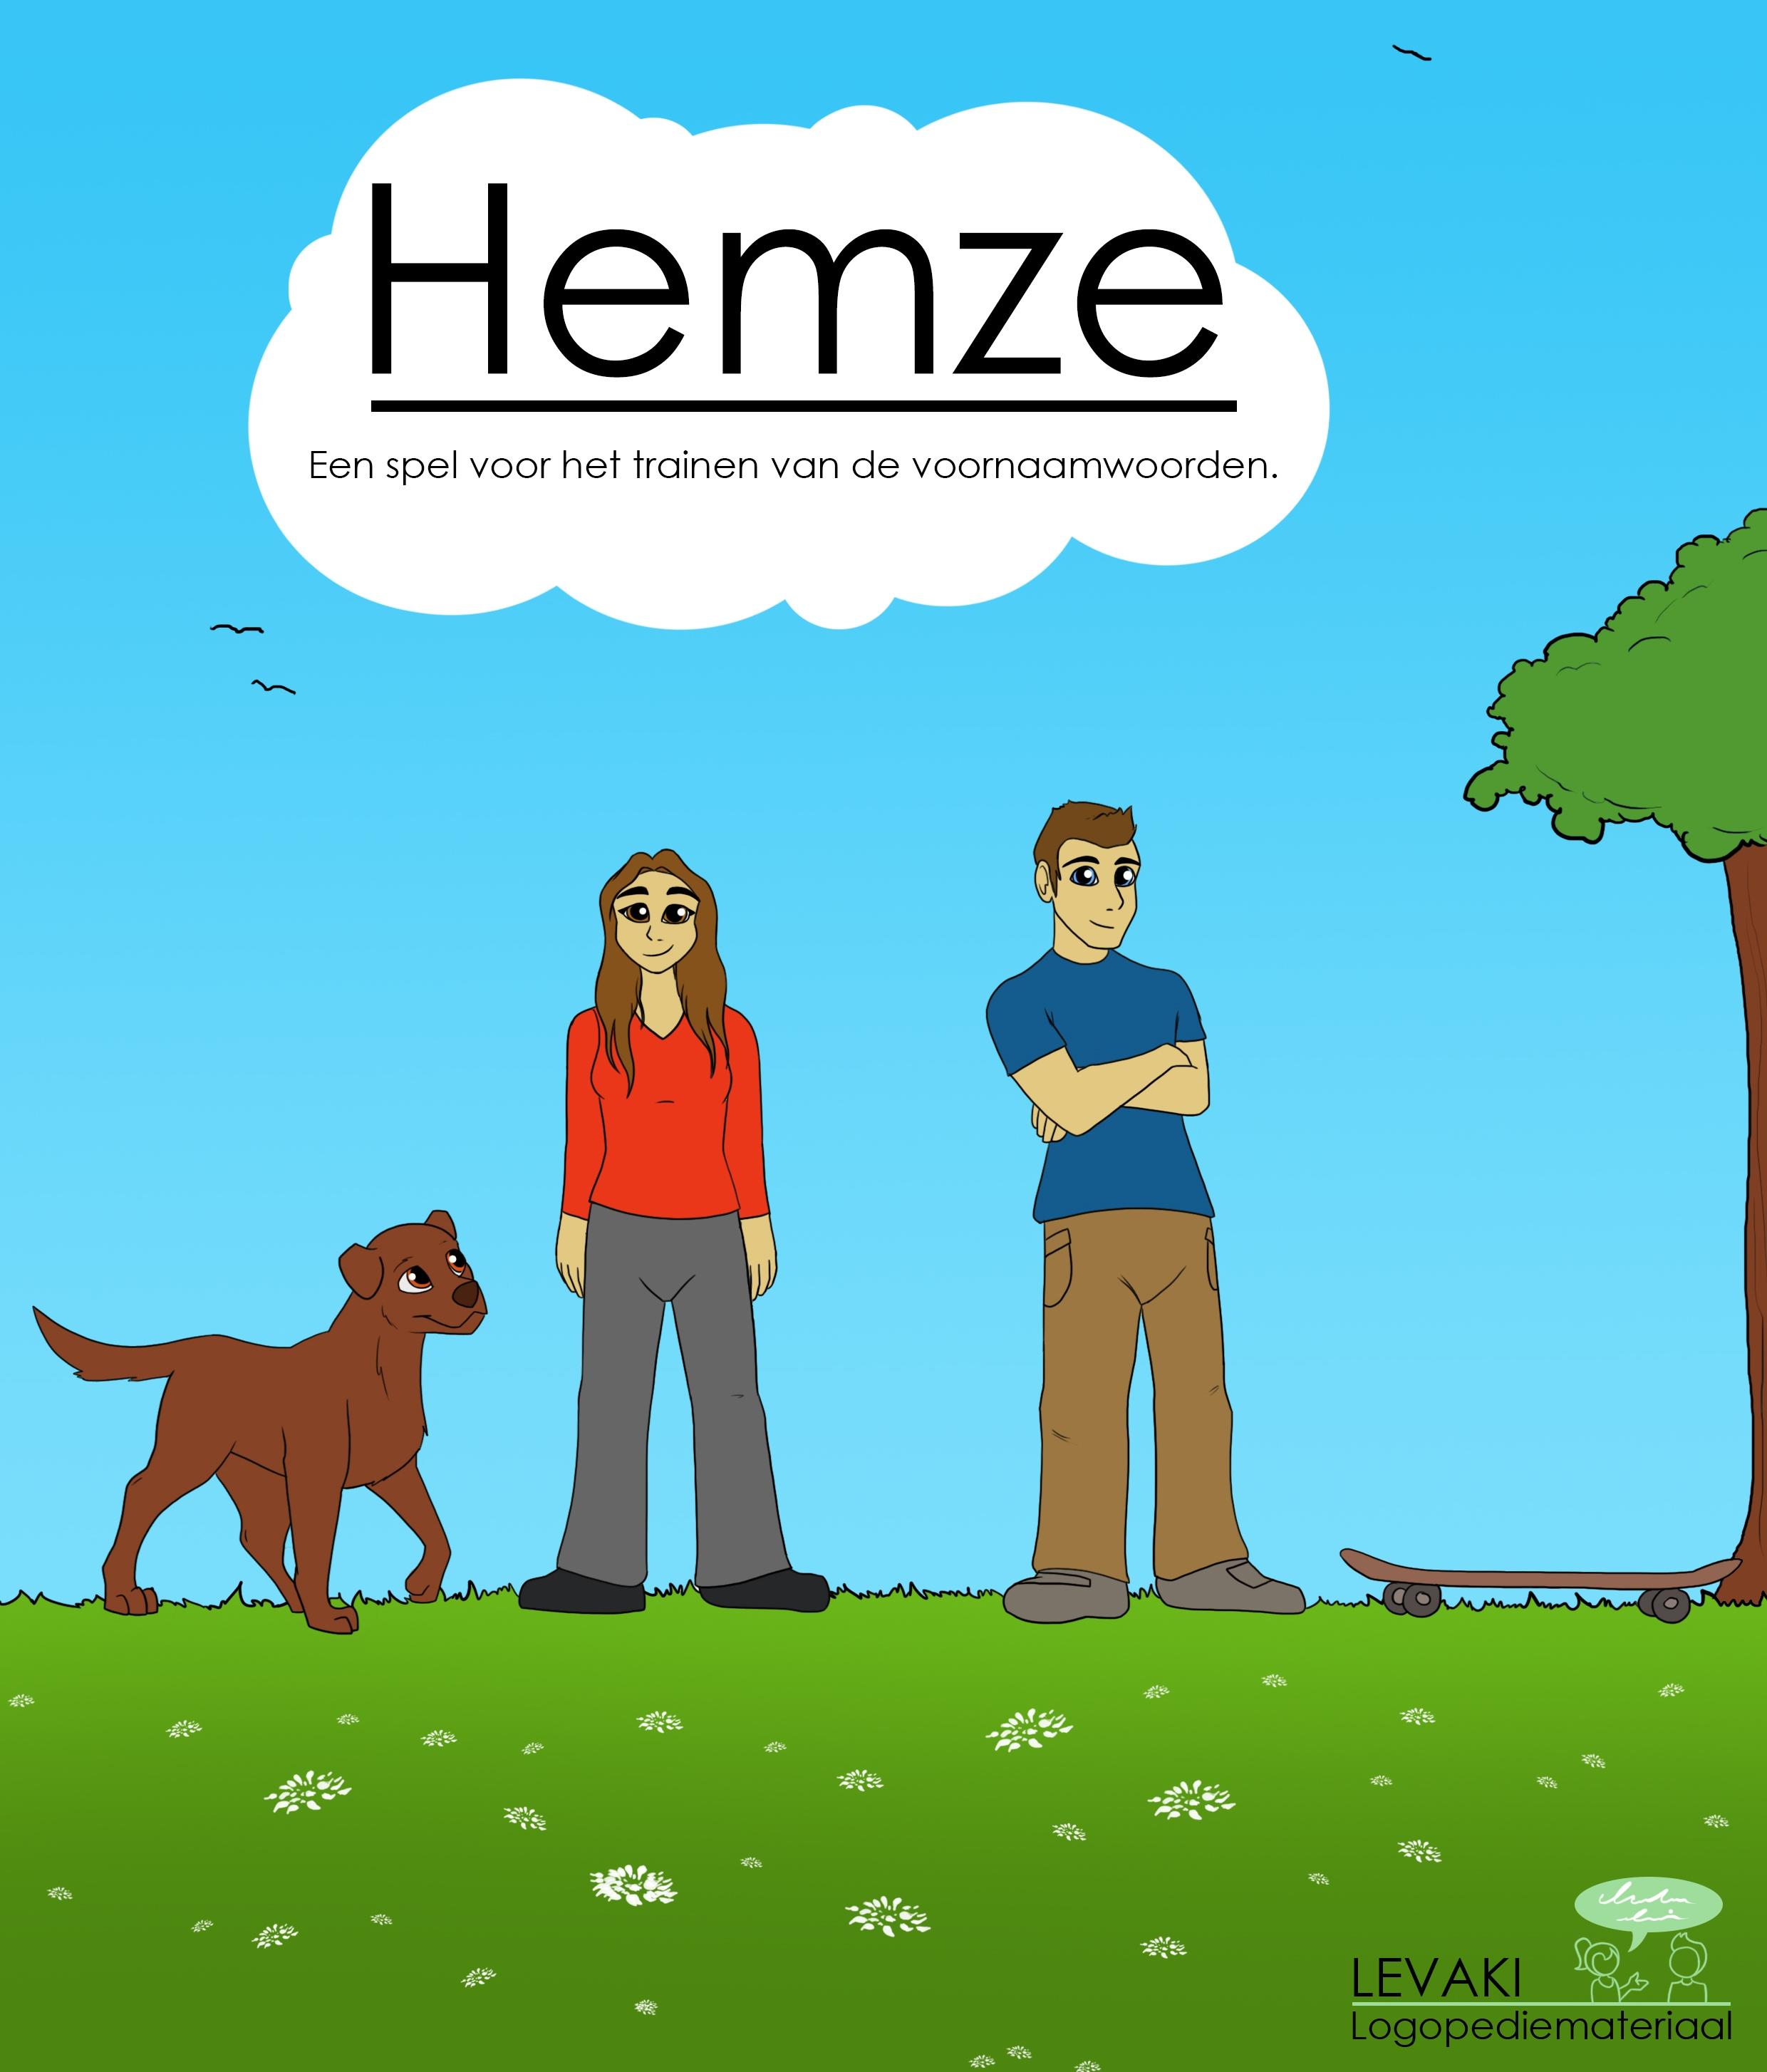 Hemze